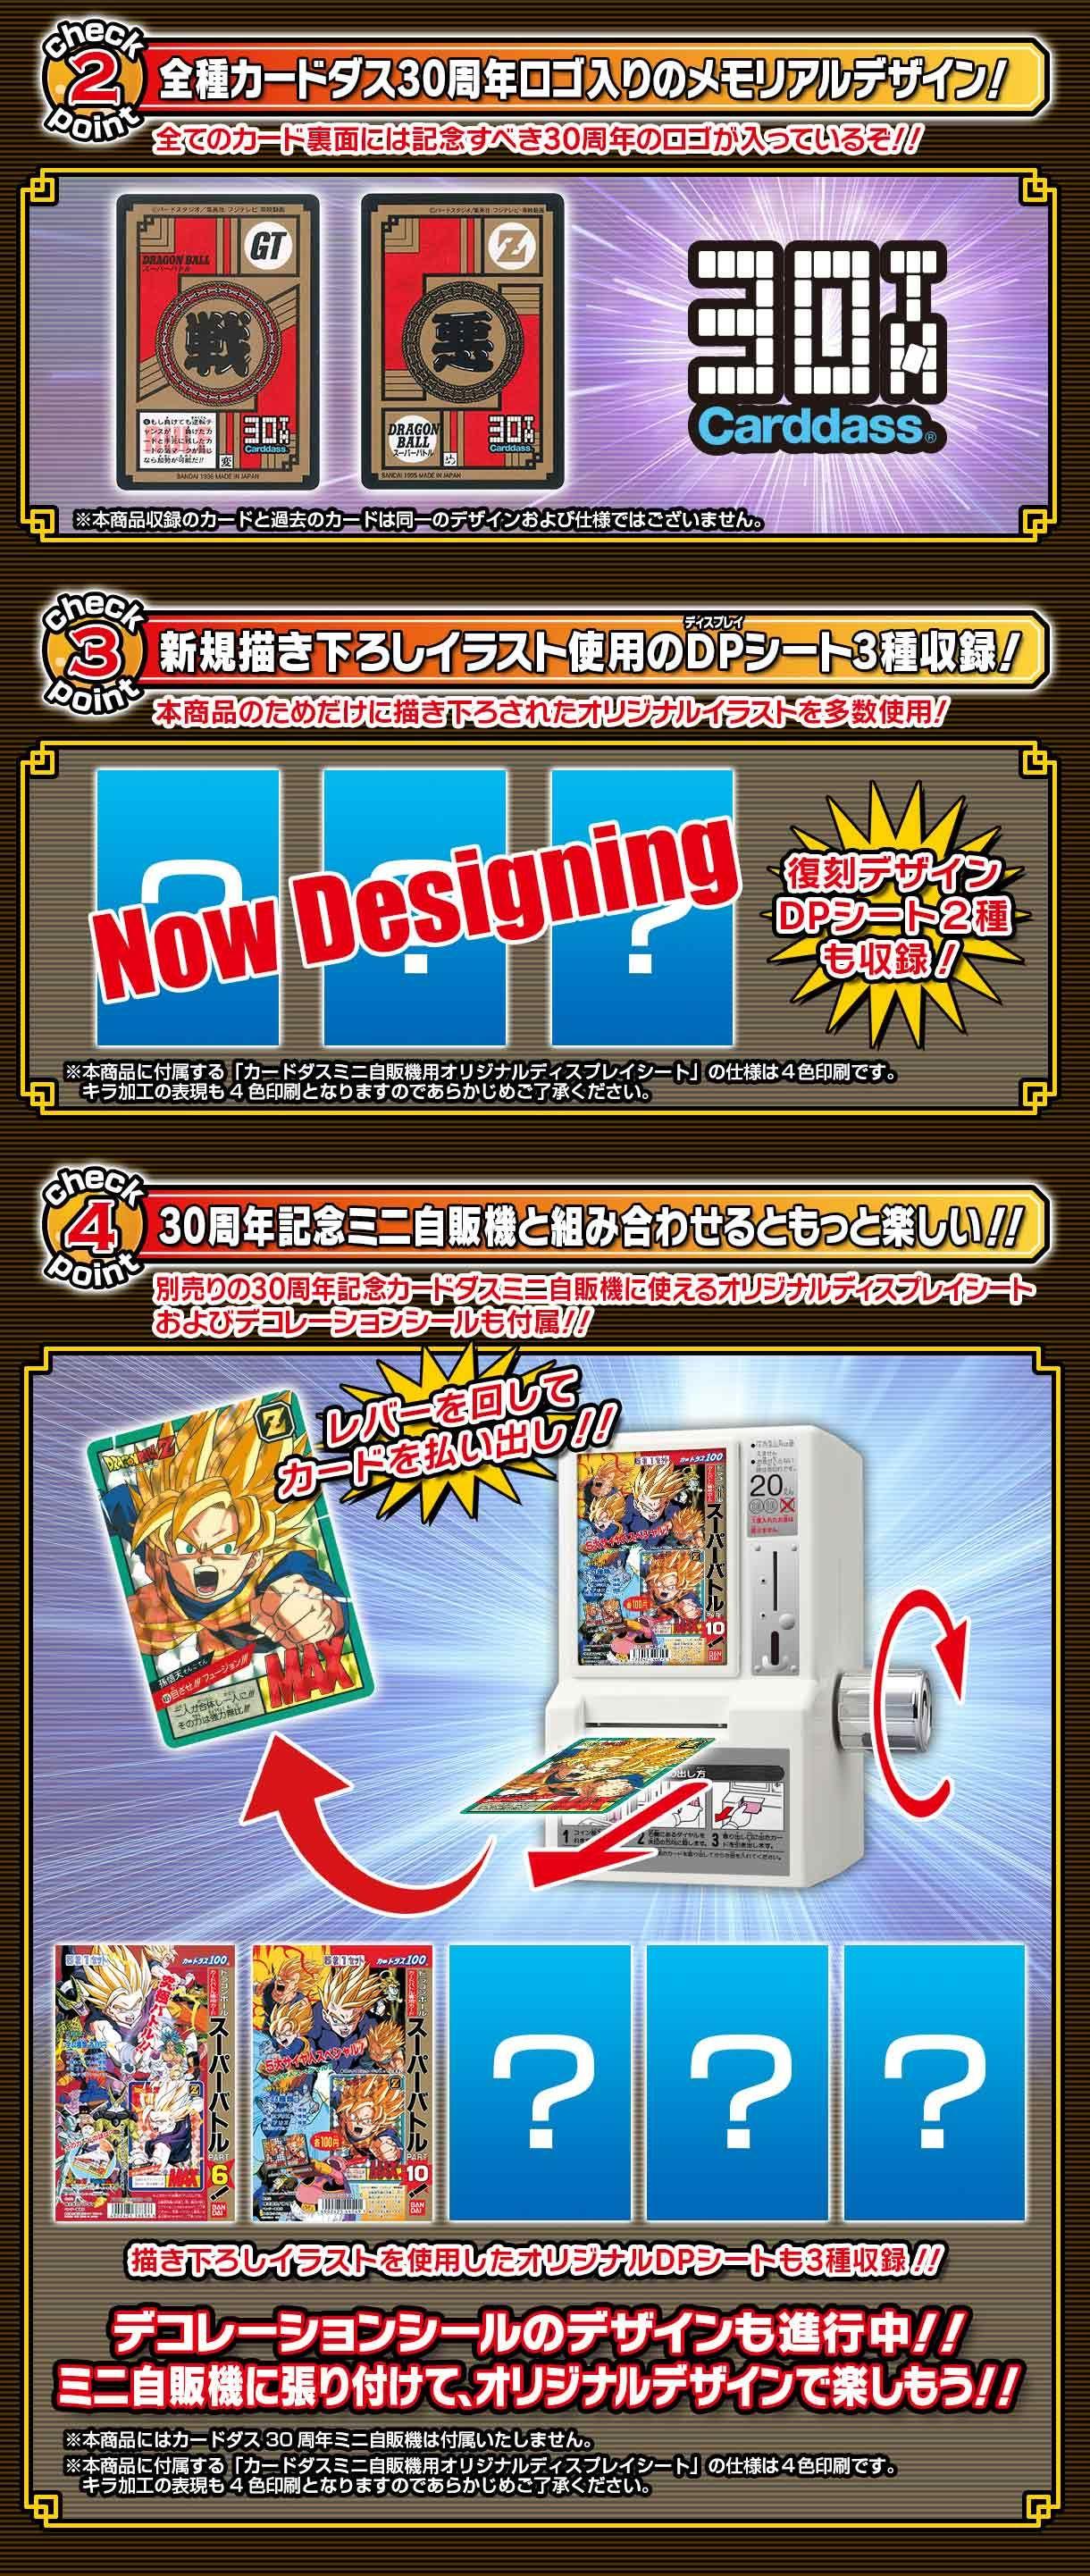 全種カードダス30周年ロゴ入りのメモリアルデザイン!